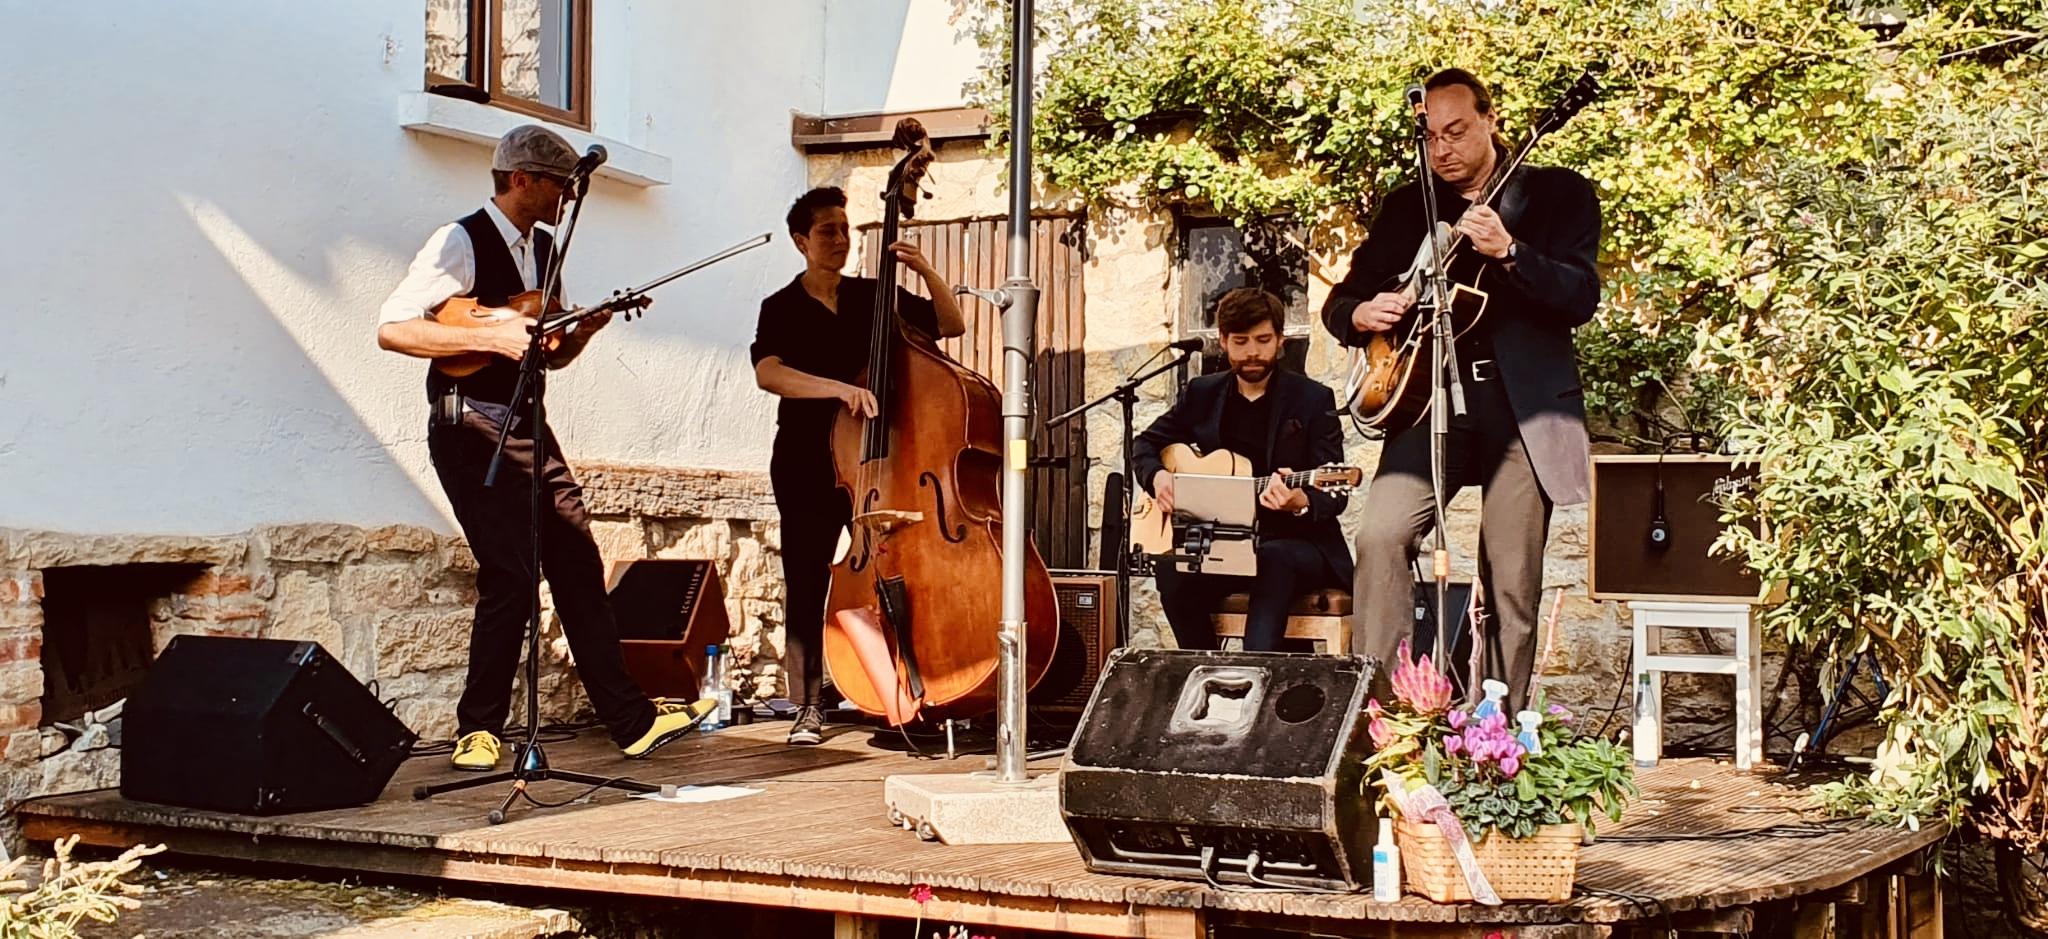 leguano Barfußschuhe auf der Bühne